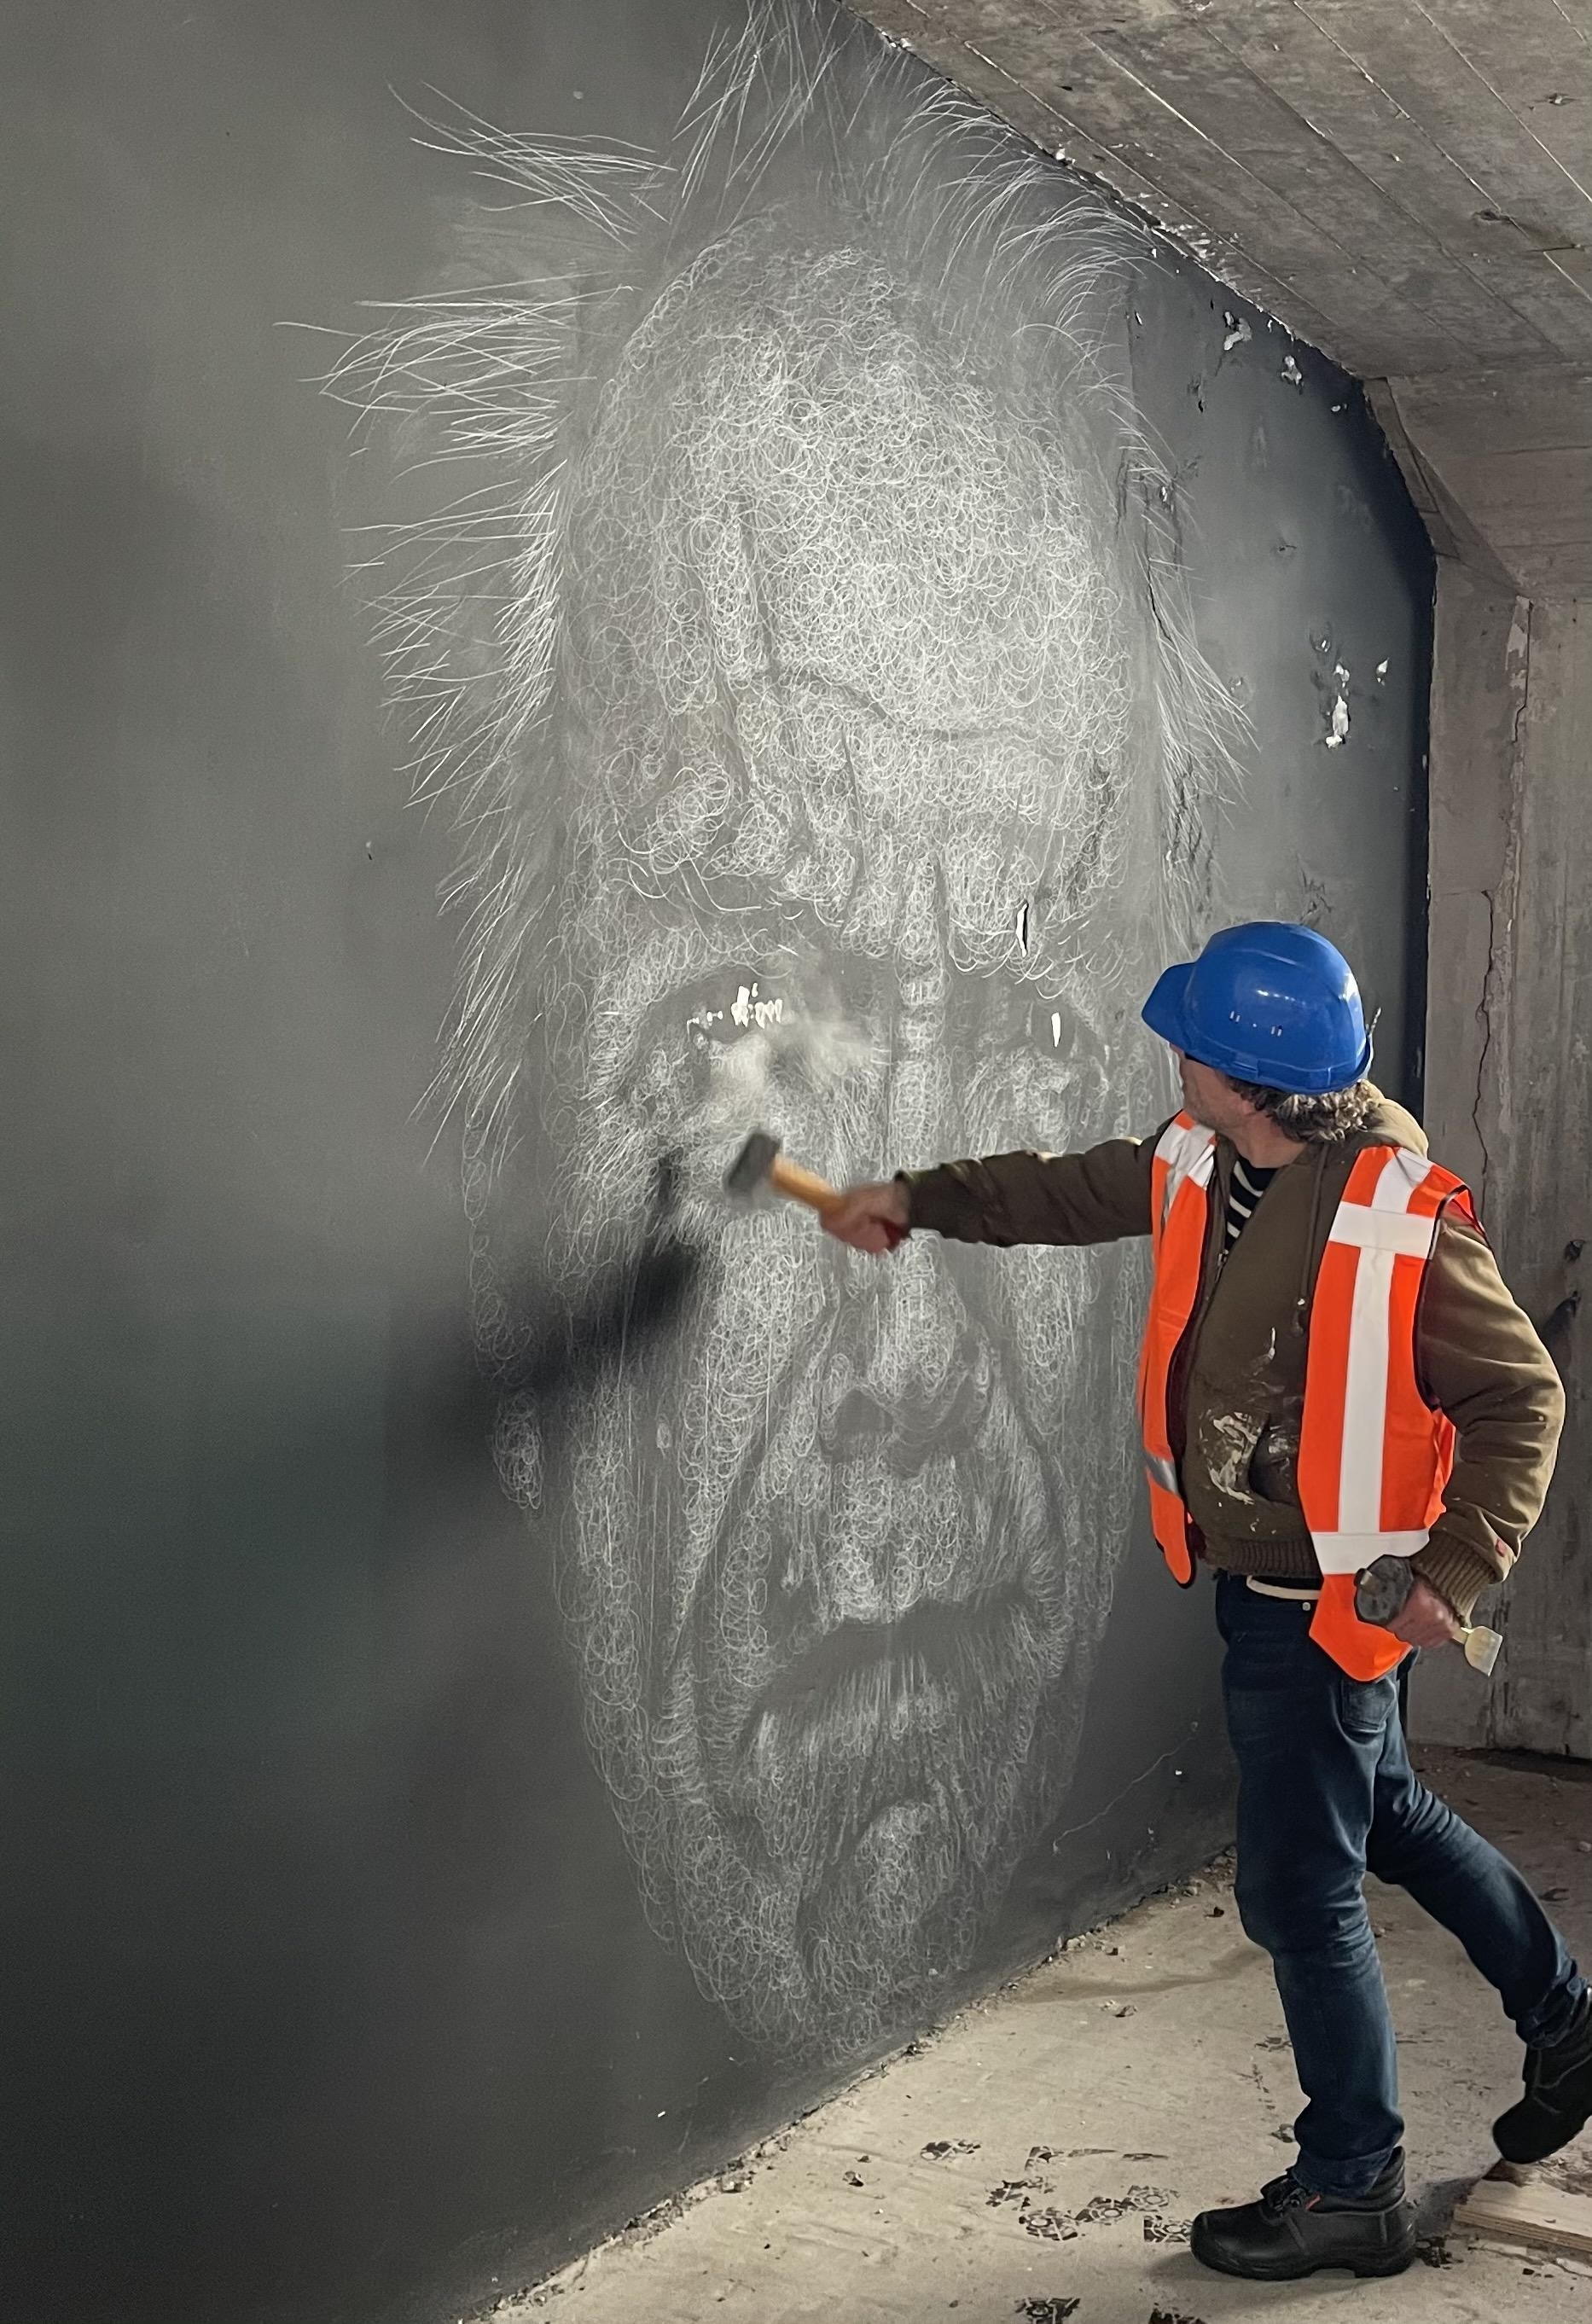 Kunstenaar Maurice Braspenning vernietigt portretten van beroemde filmregisseurs: 'Ze gaan er allemaal aan!' [video]